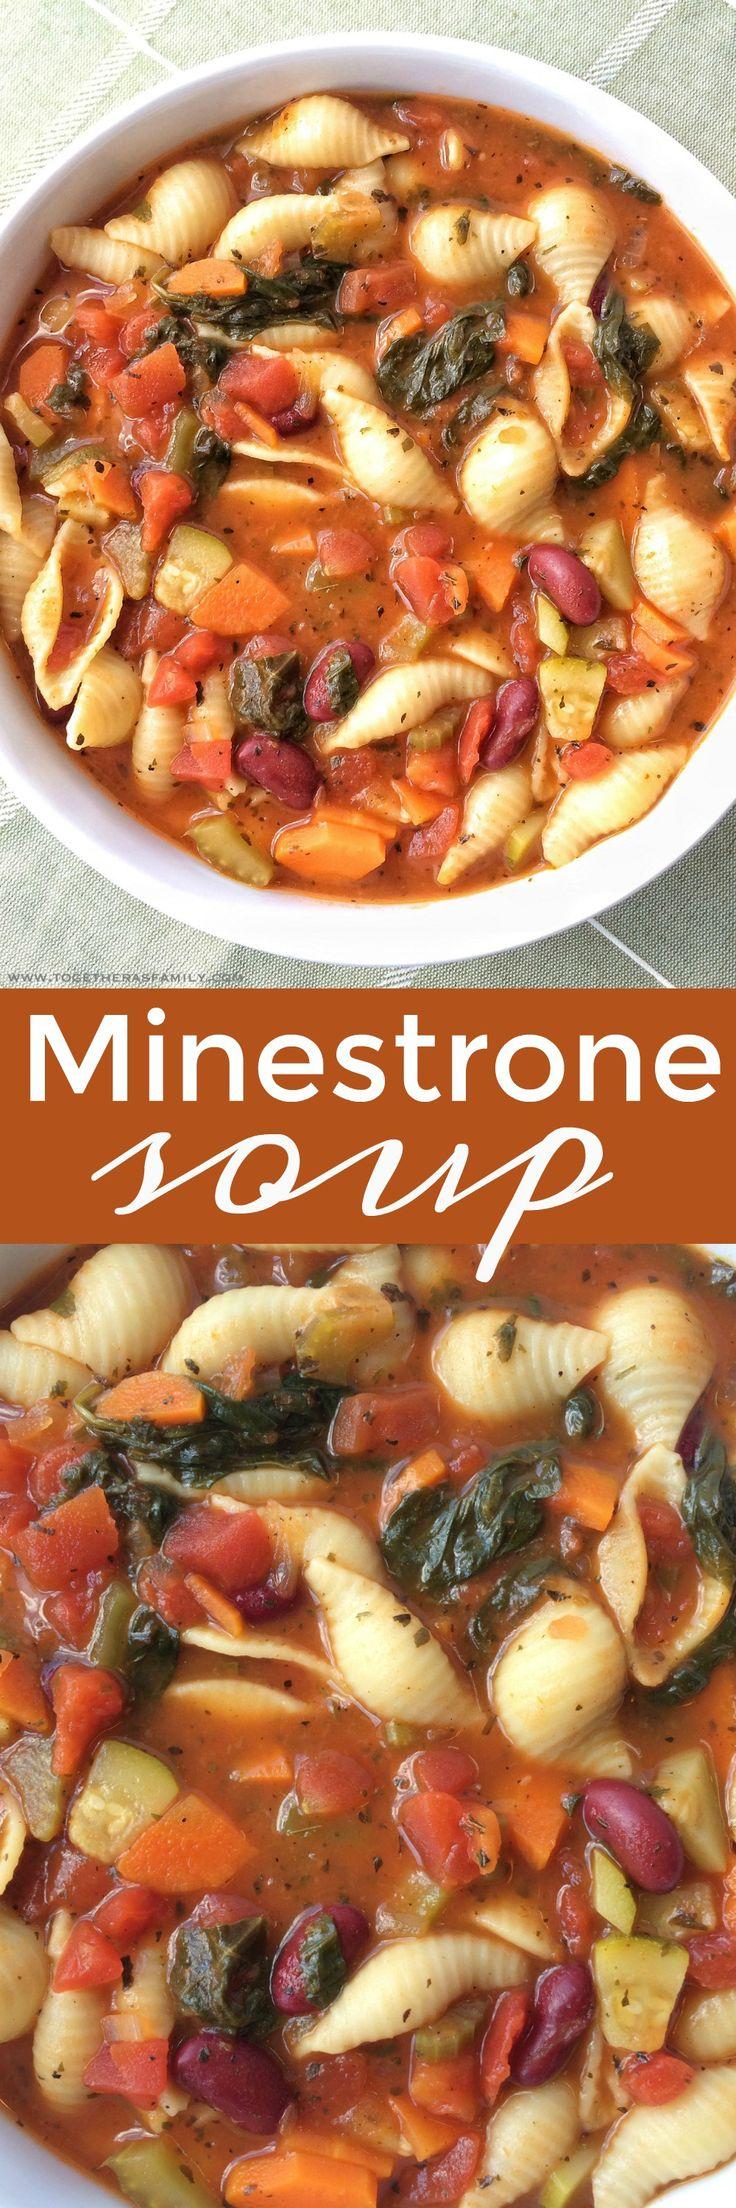 Minestrone Soup   www.togetherasfamily.com